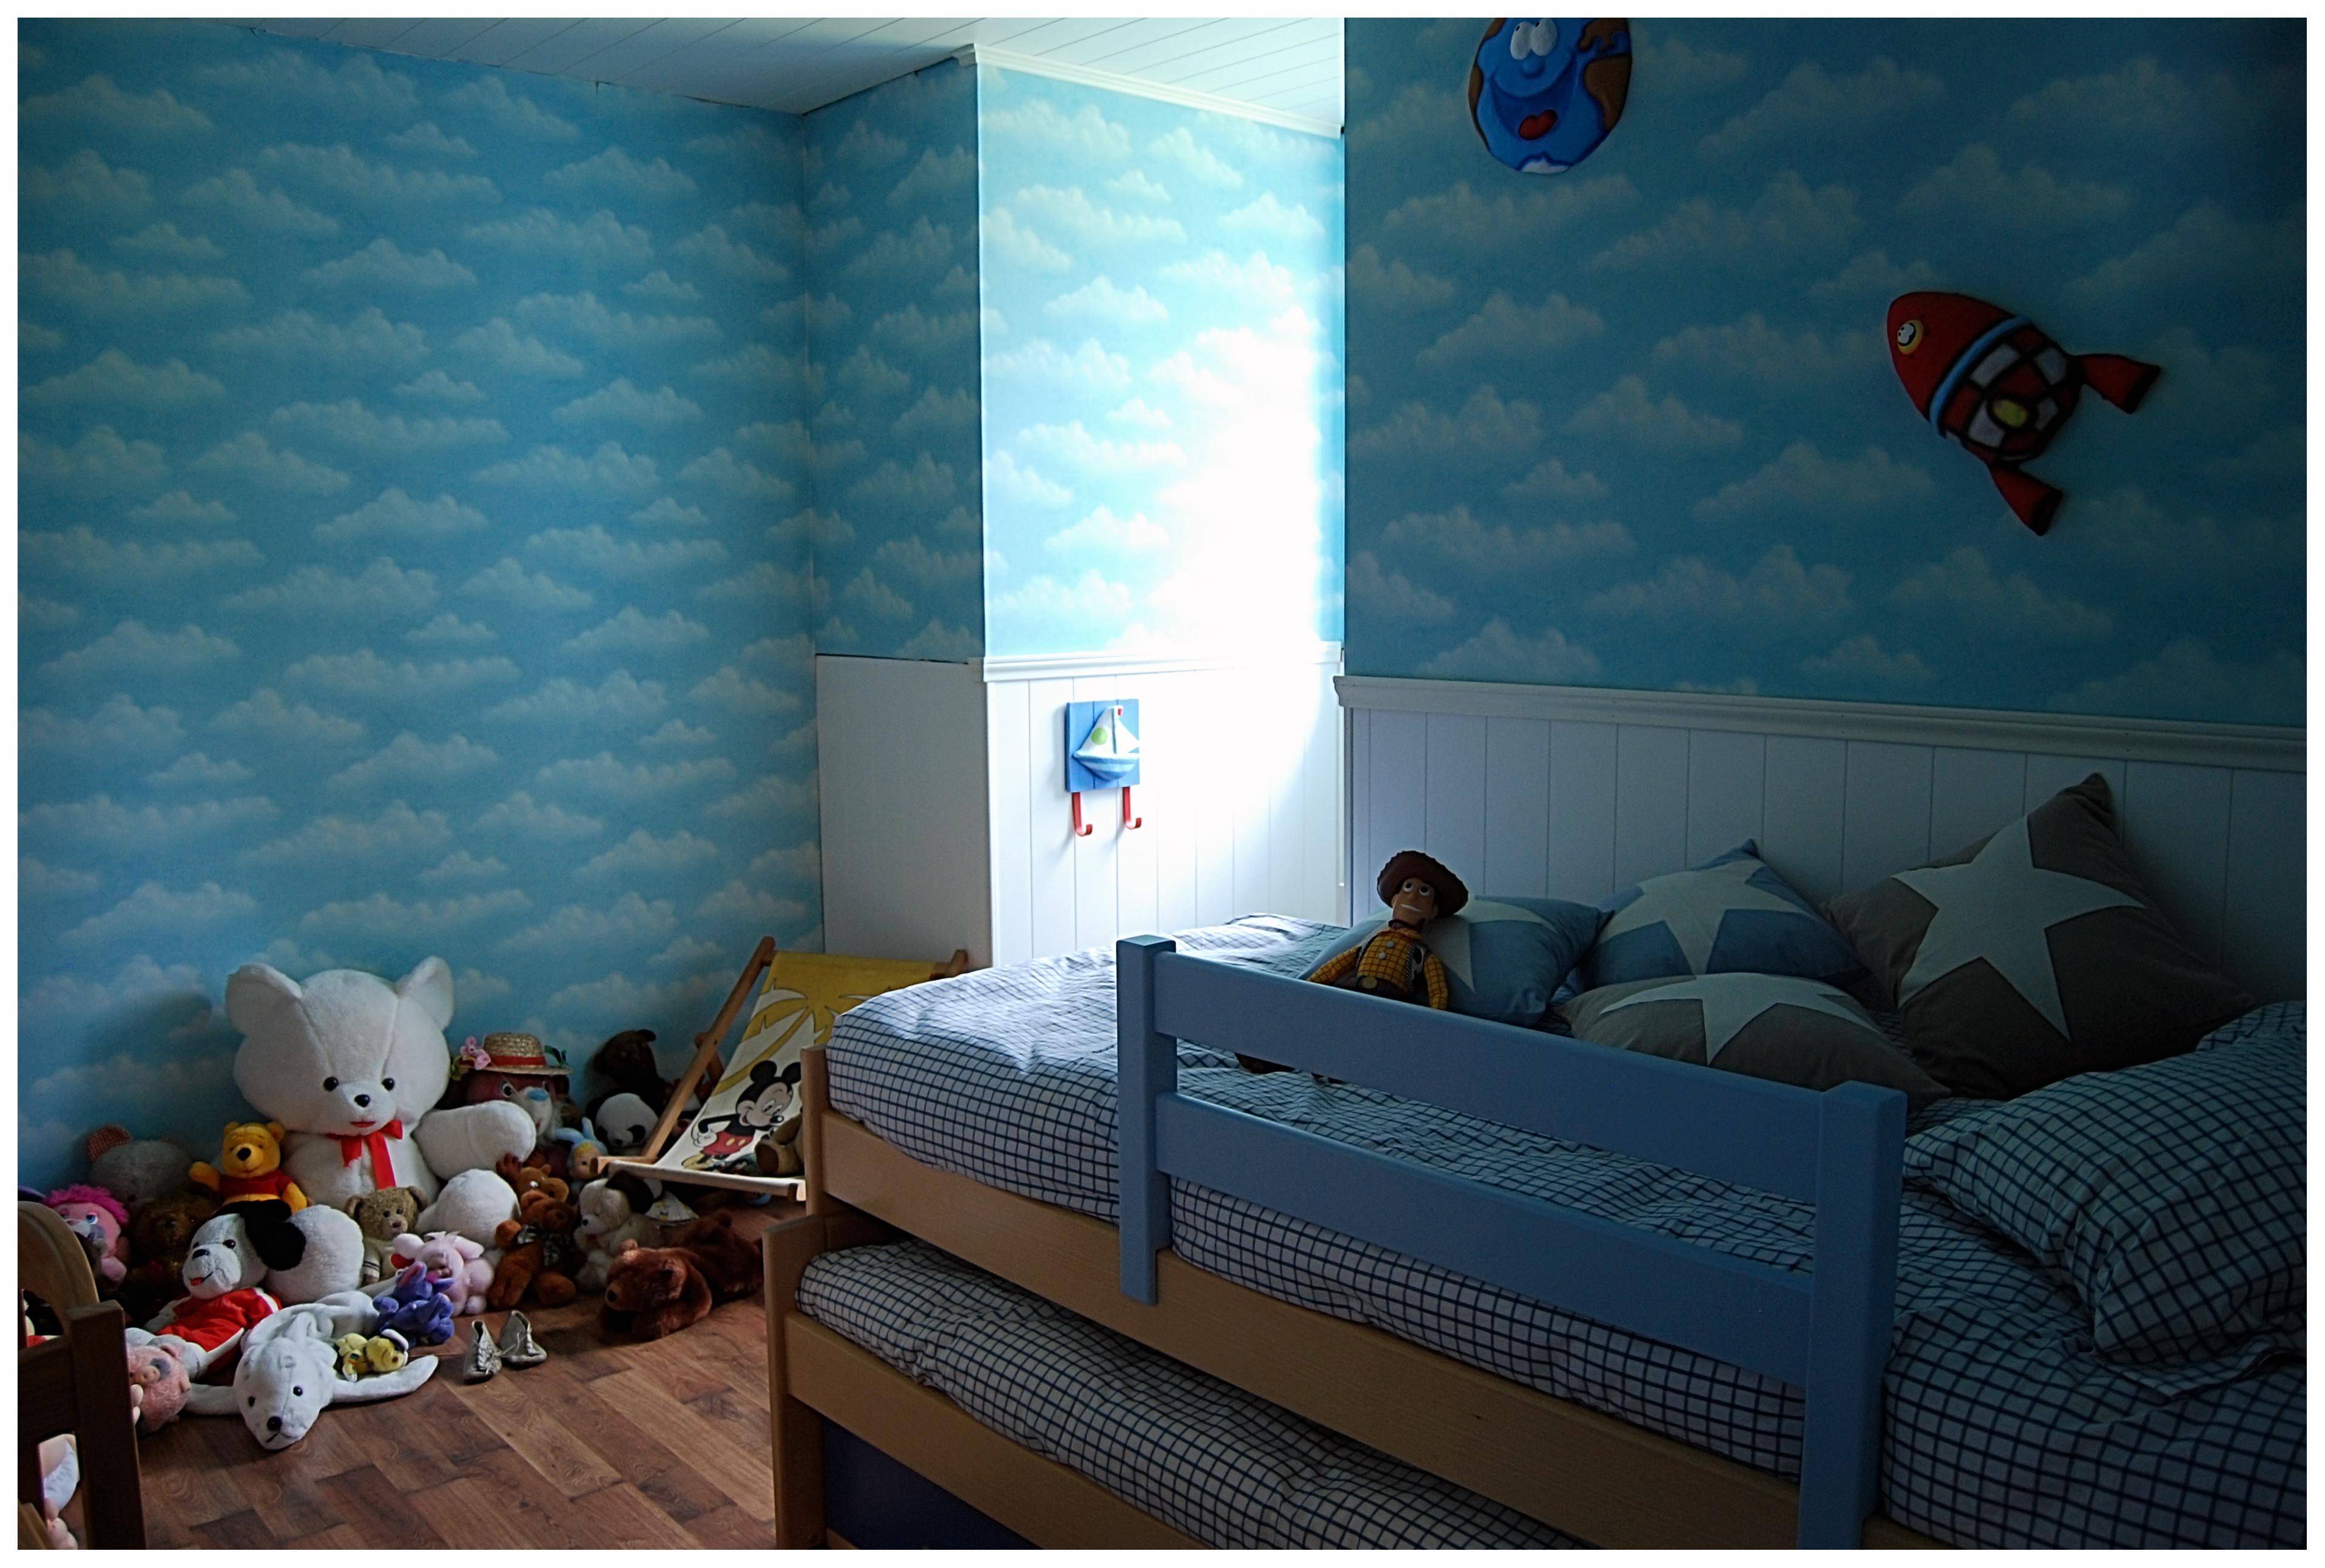 dormitorio infantil decorado con papel pintado